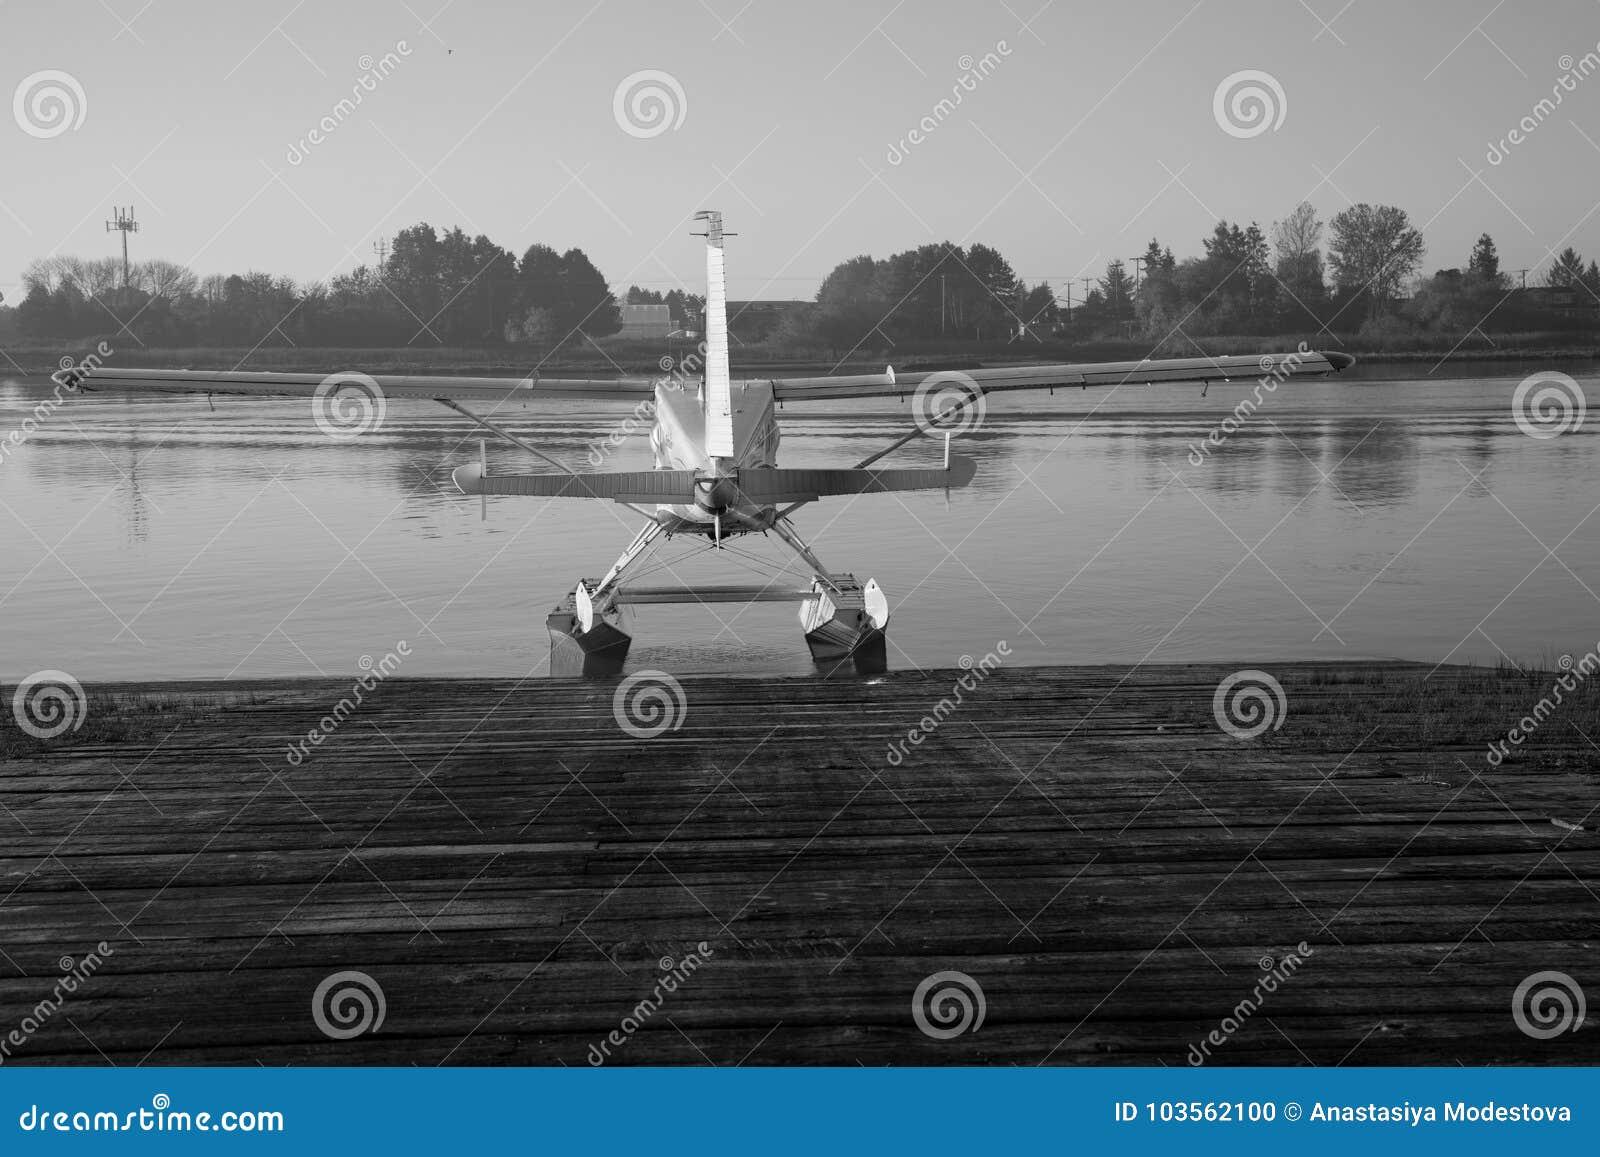 黑白水上飞机准备好飞行水背景